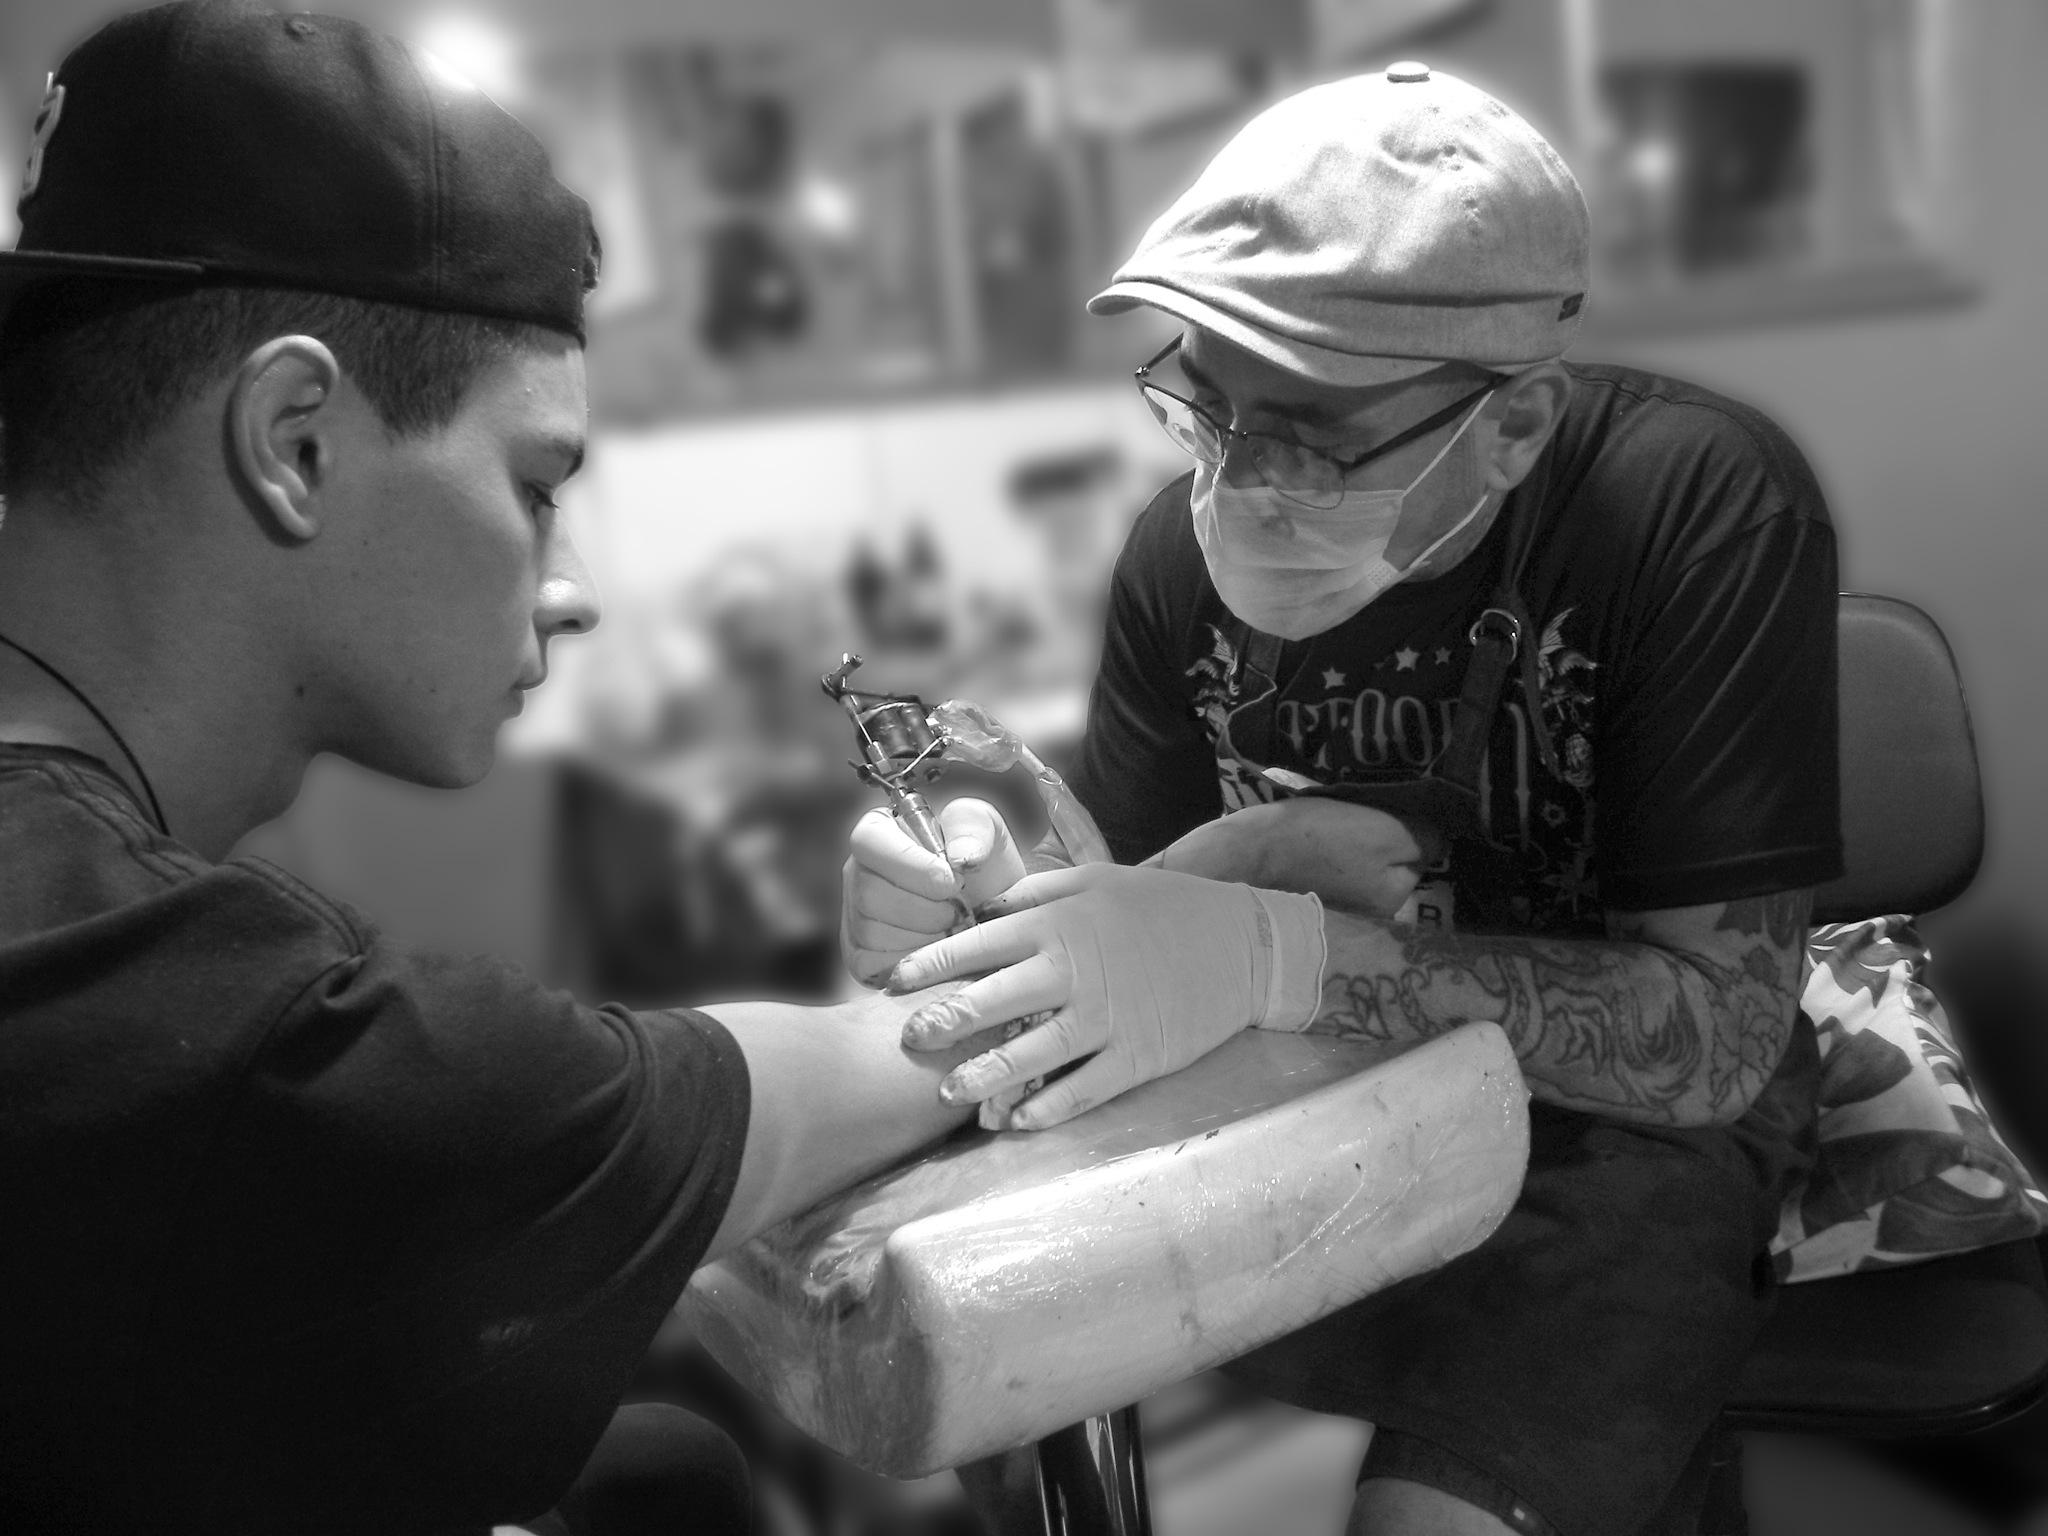 Mestre em Ação - Cowboy Tattoo Parlor by Leonardo Cassoni